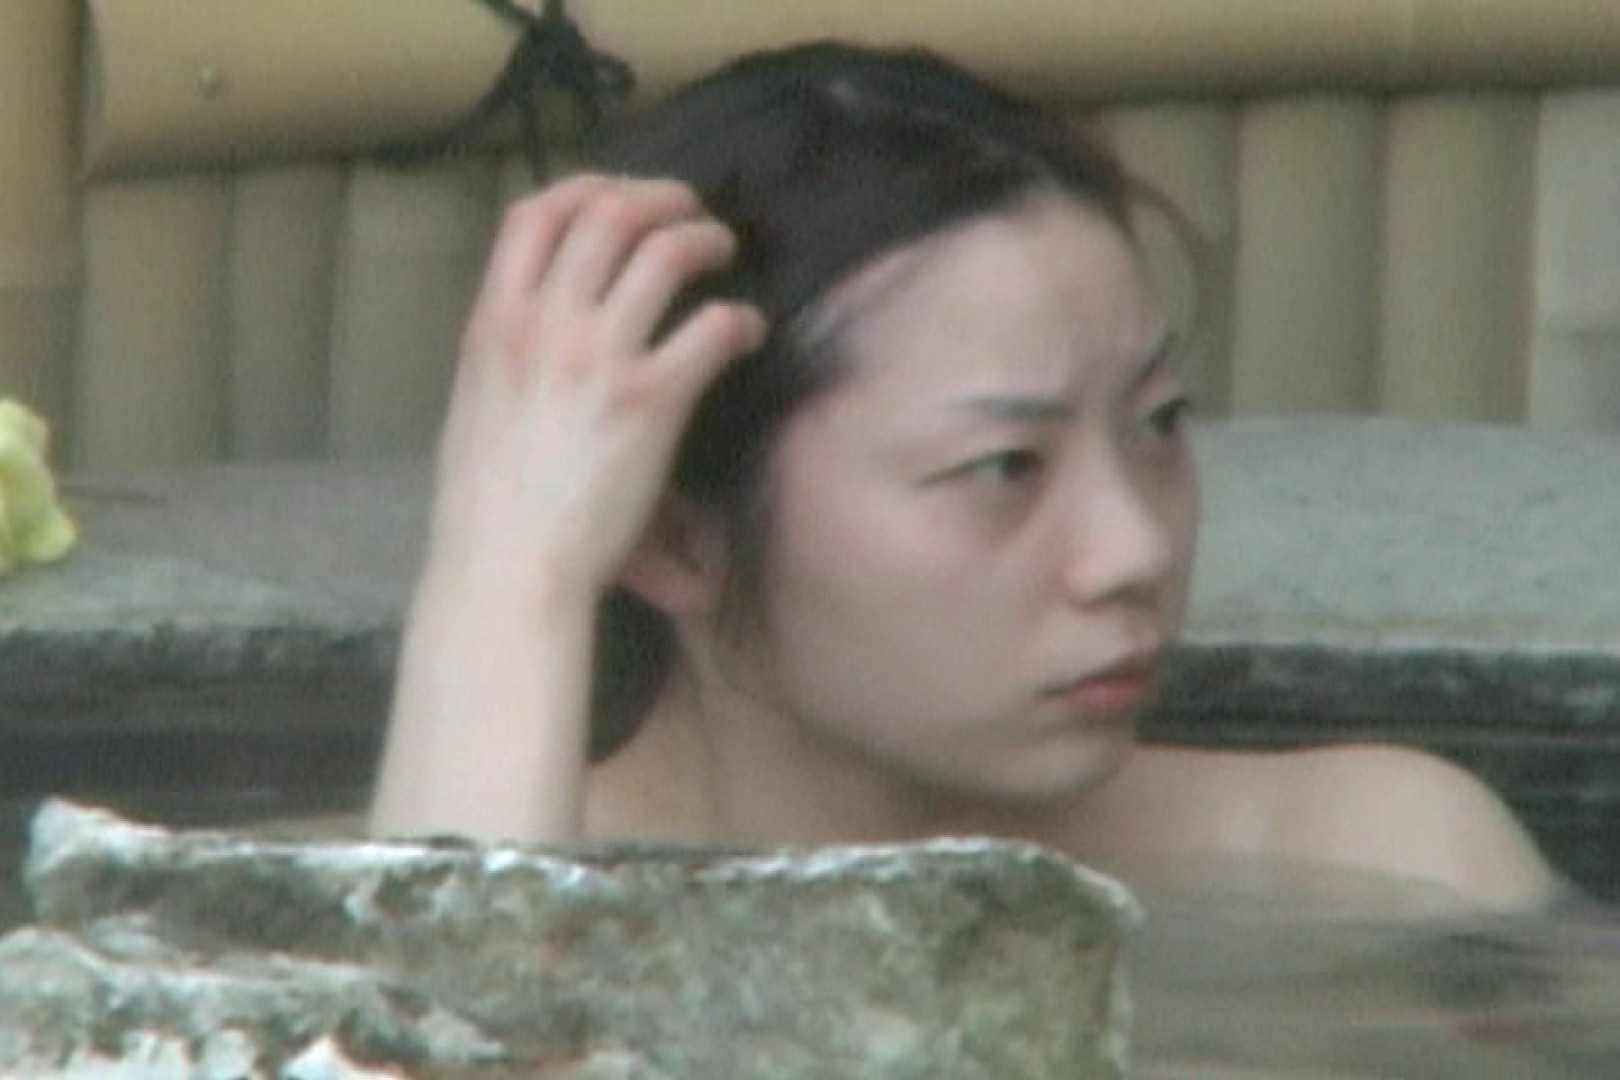 Aquaな露天風呂Vol.596 盗撮シリーズ  113PIX 24